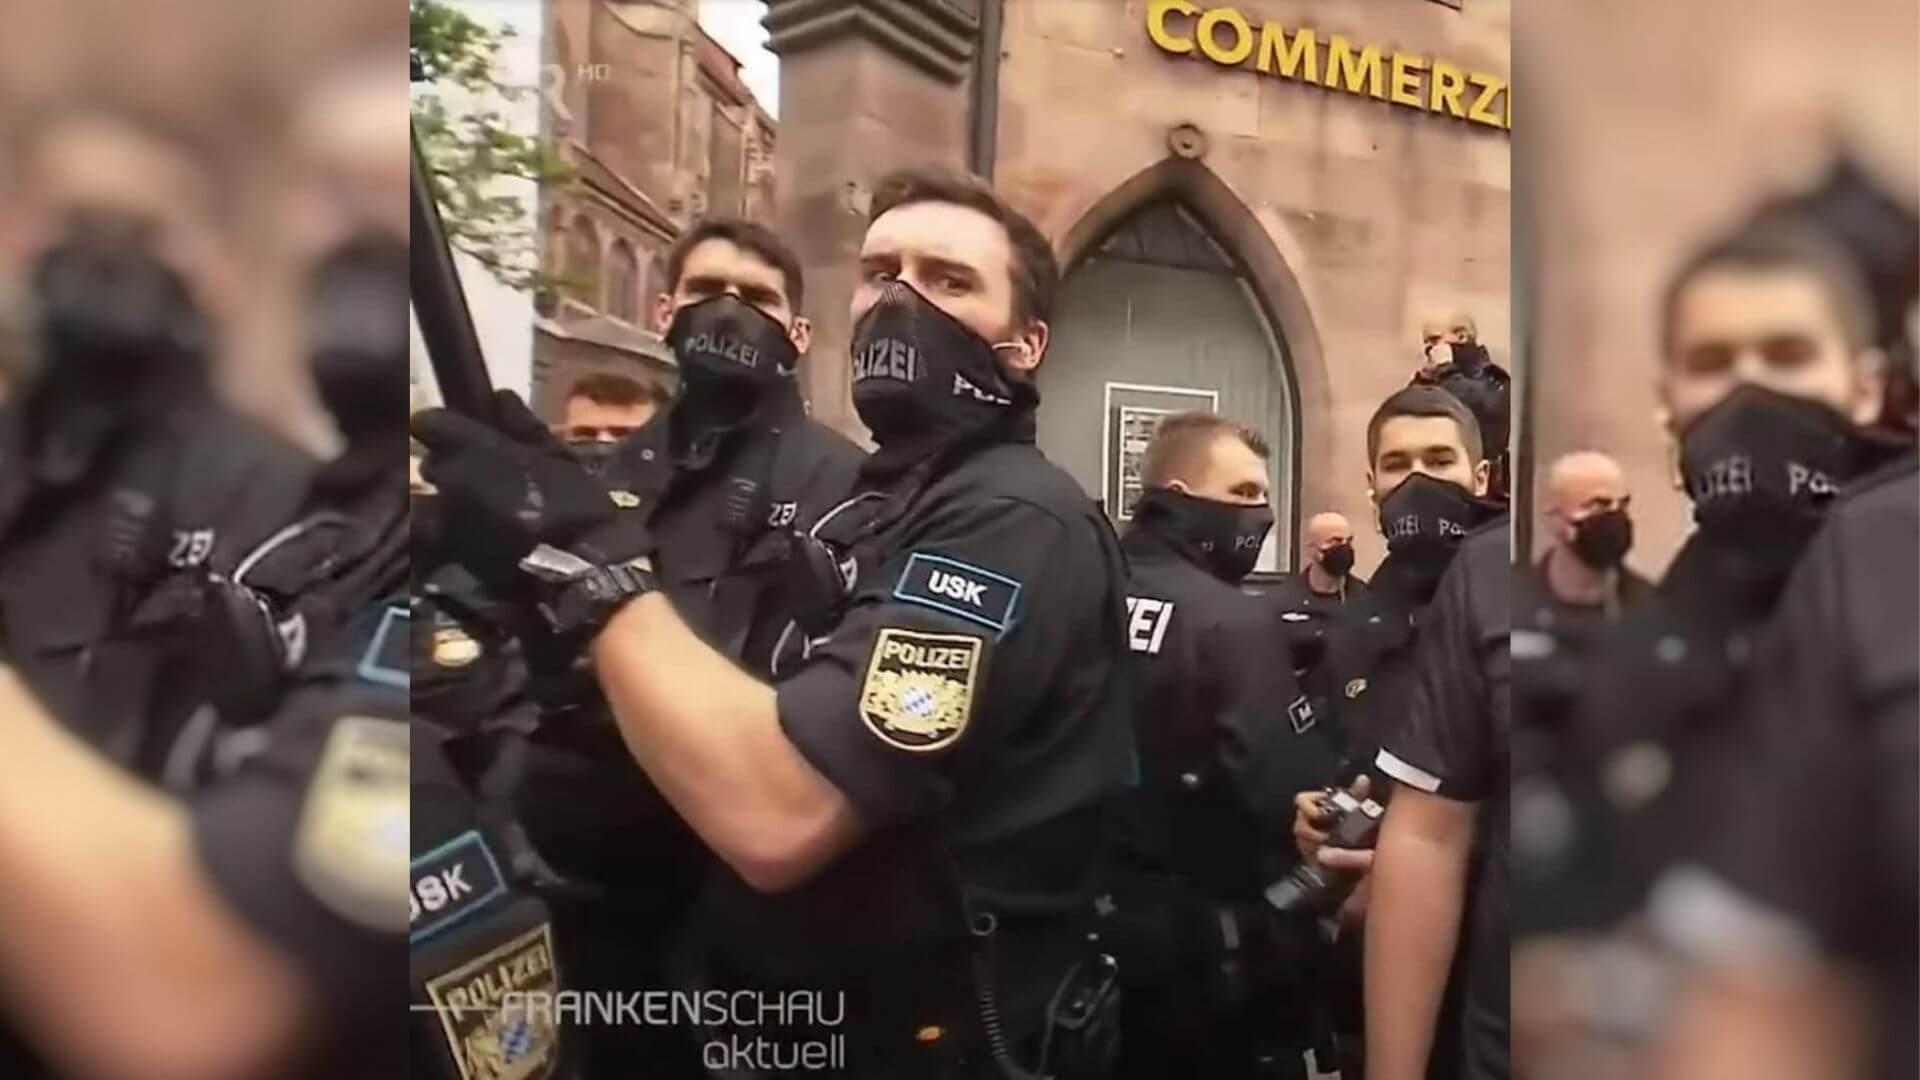 """Nein, die Polizei ist nicht auf """"Netzmasken"""" umgestiegen, weil man damit besser atmen könne"""